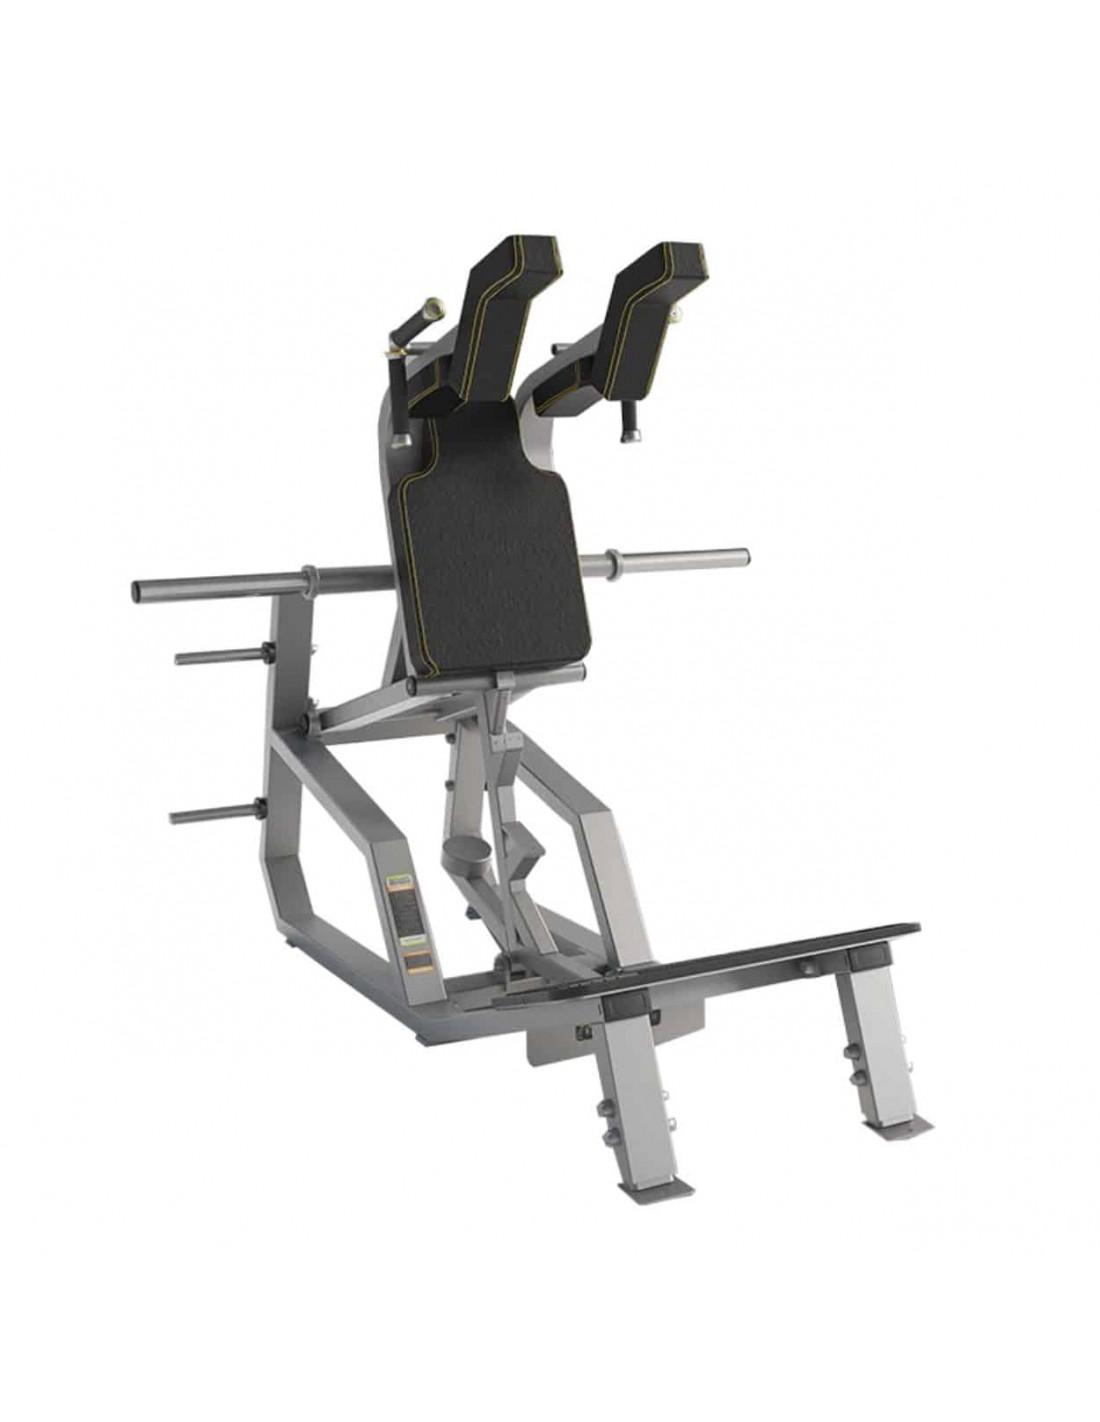 afg sport 3.5 at treadmill manual